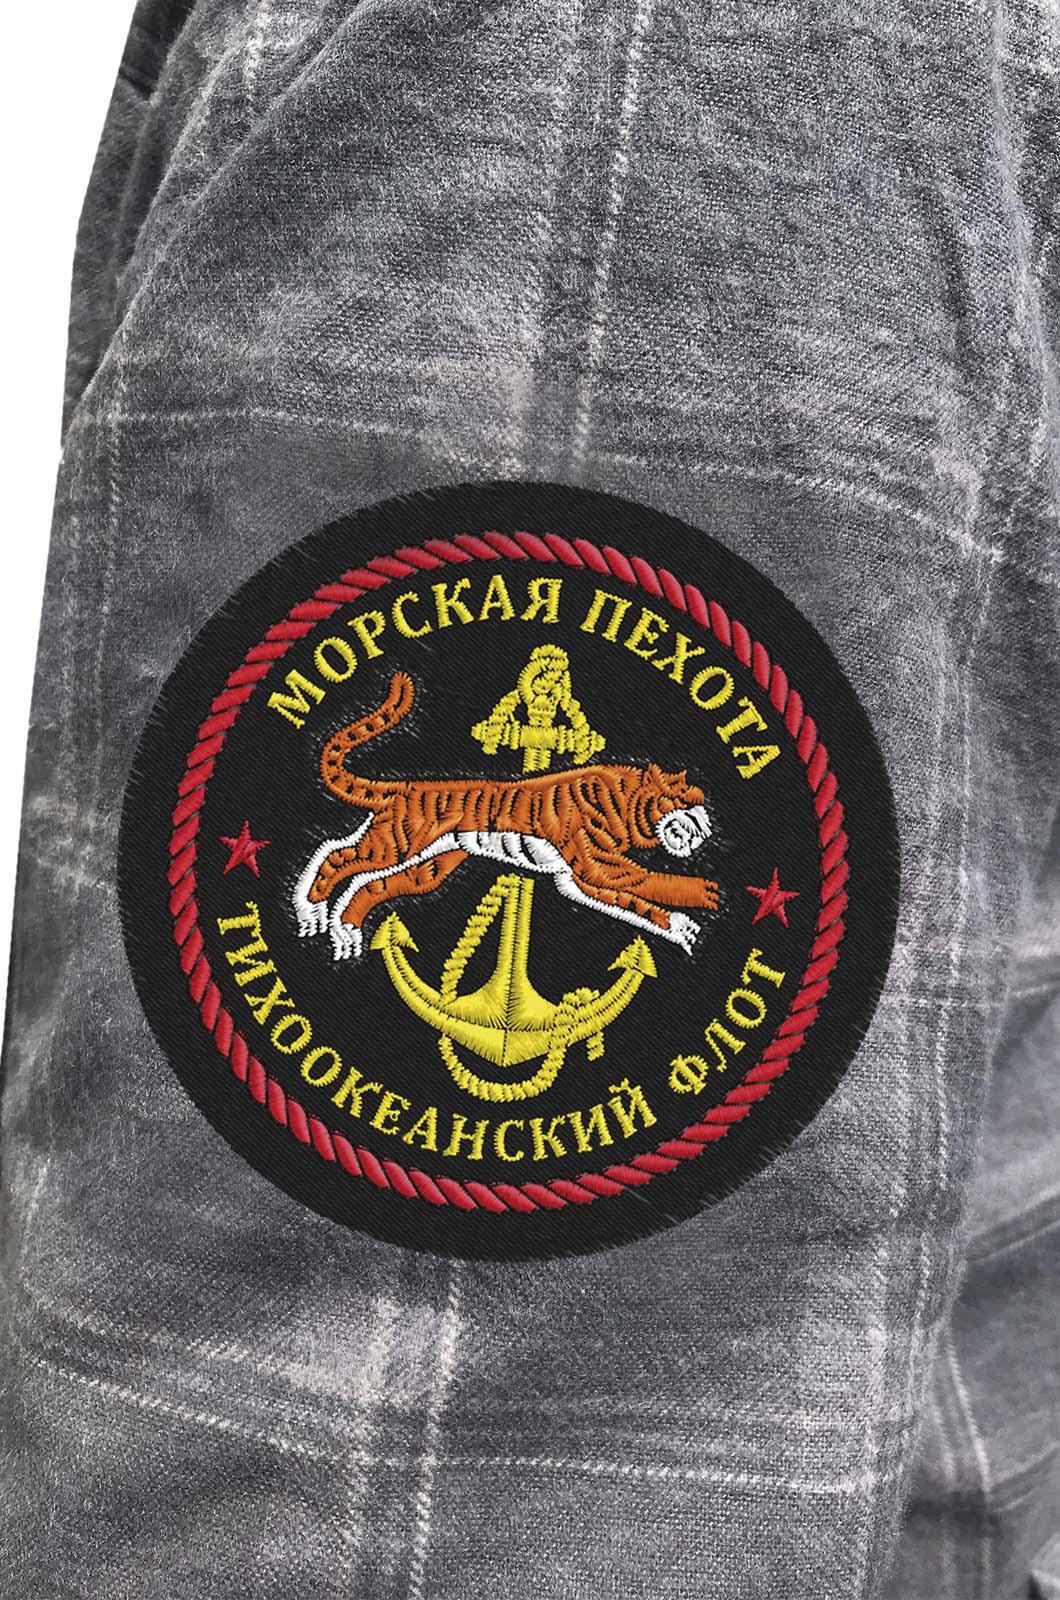 Теплая рубашка Морская пехота Тихоокеанский флот купить по демократичной цене